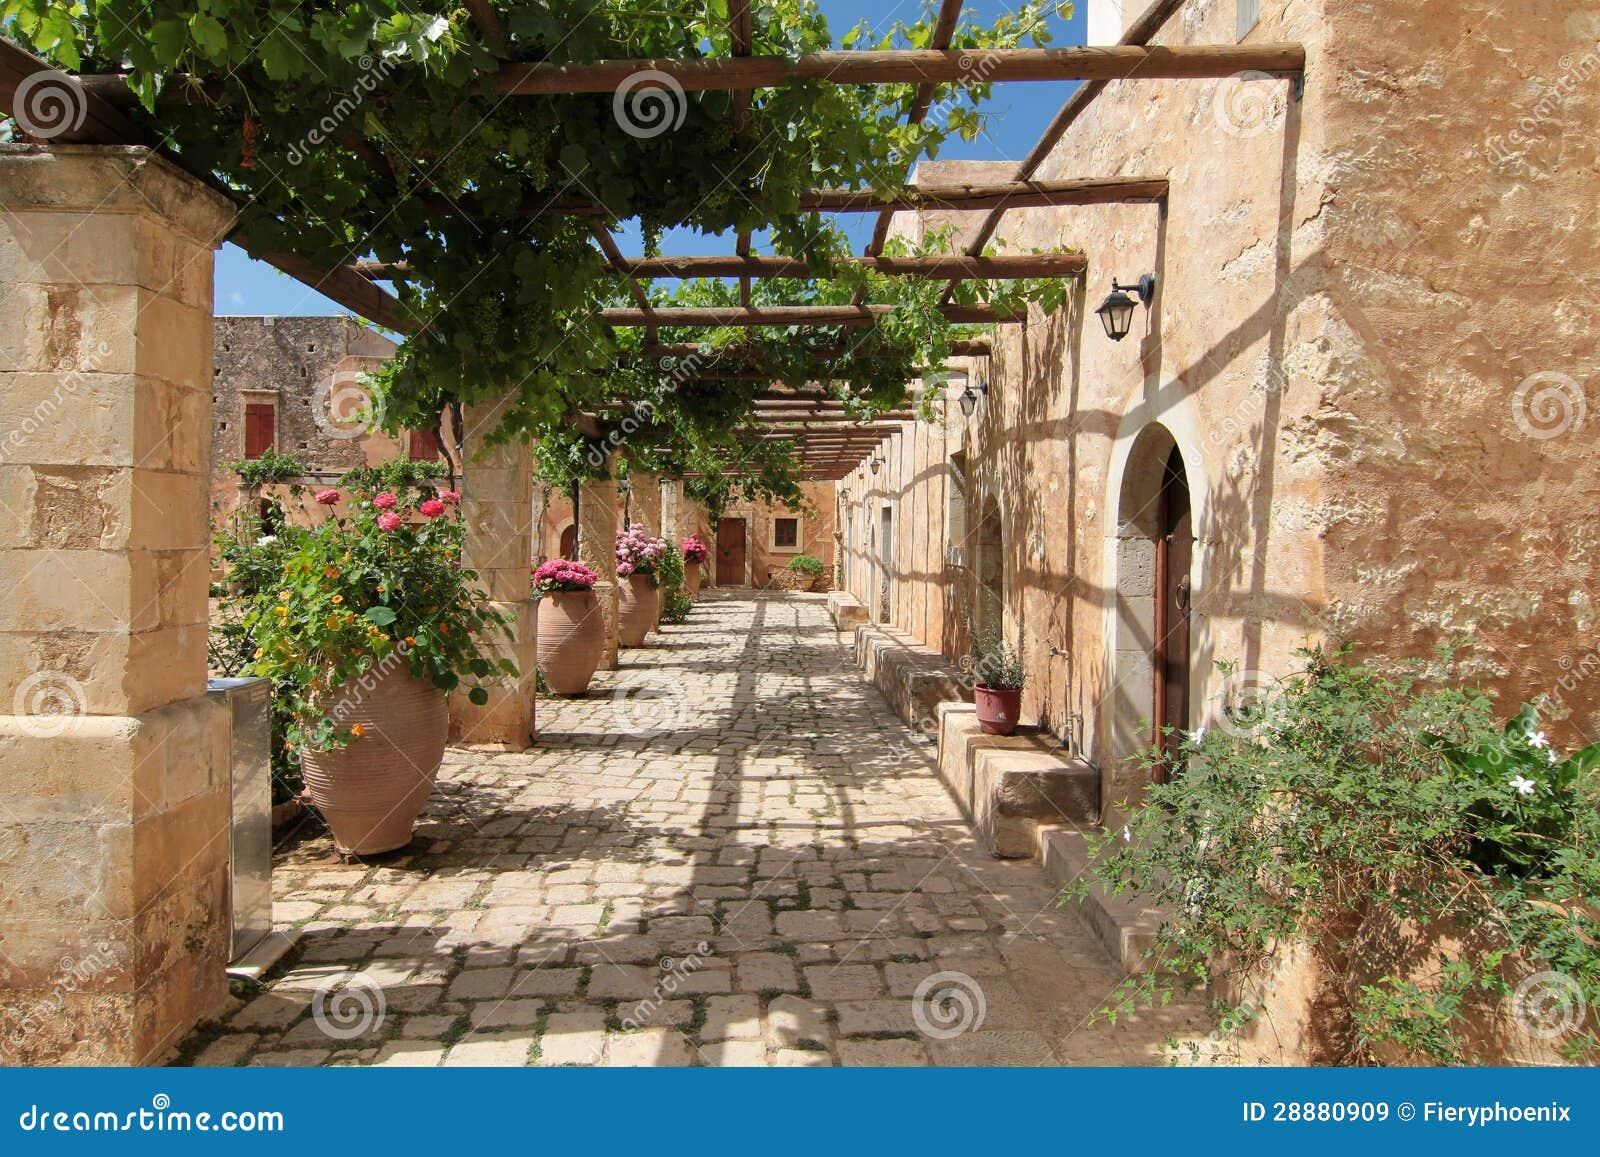 Cortile del giardino con i fiori in vasi ceramici immagine for Disegni del mazzo del cortile